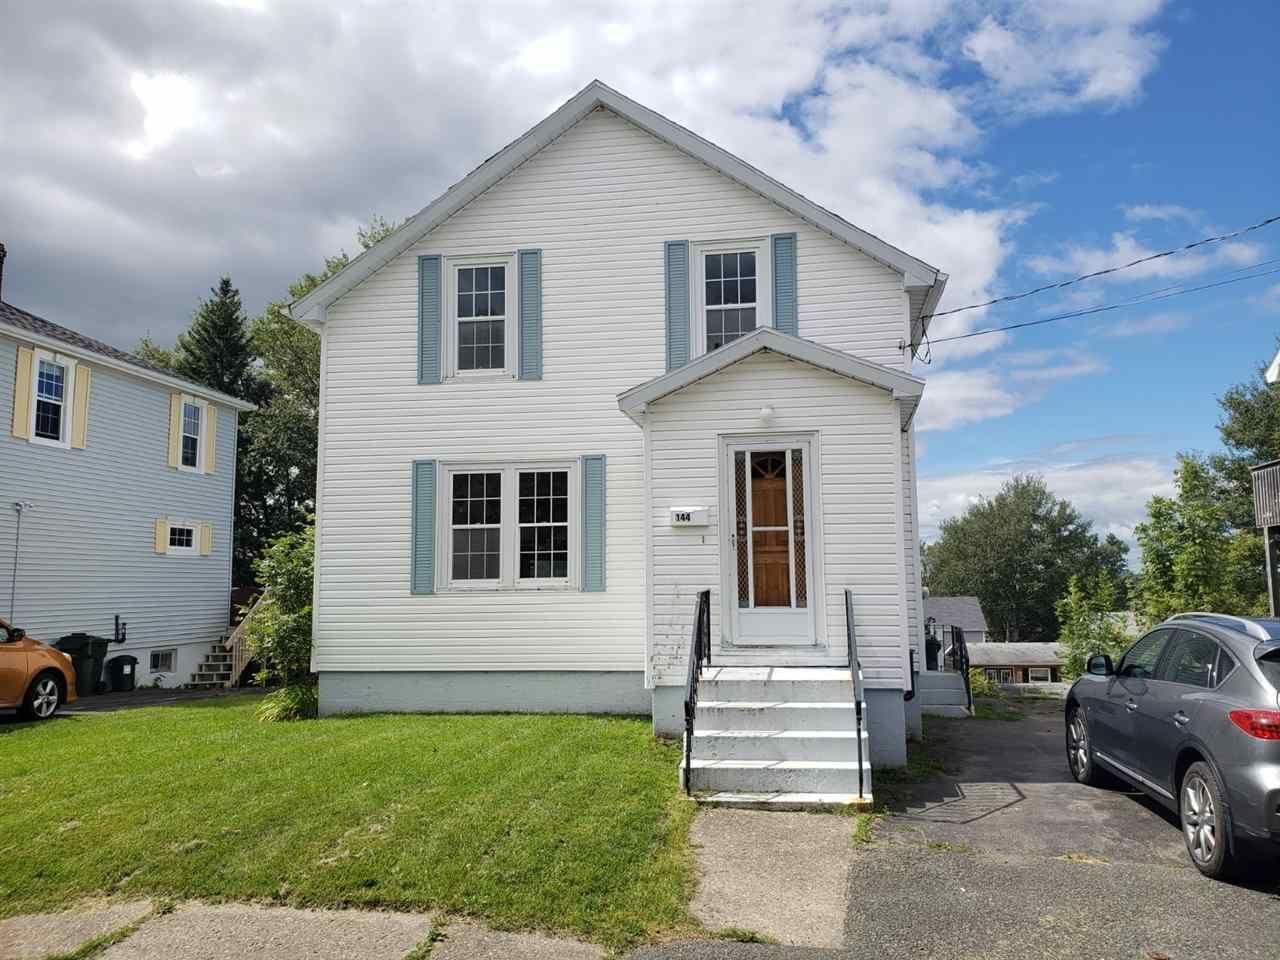 Main Photo: 144 Cornishtown Road in Sydney: 201-Sydney Residential for sale (Cape Breton)  : MLS®# 202101958